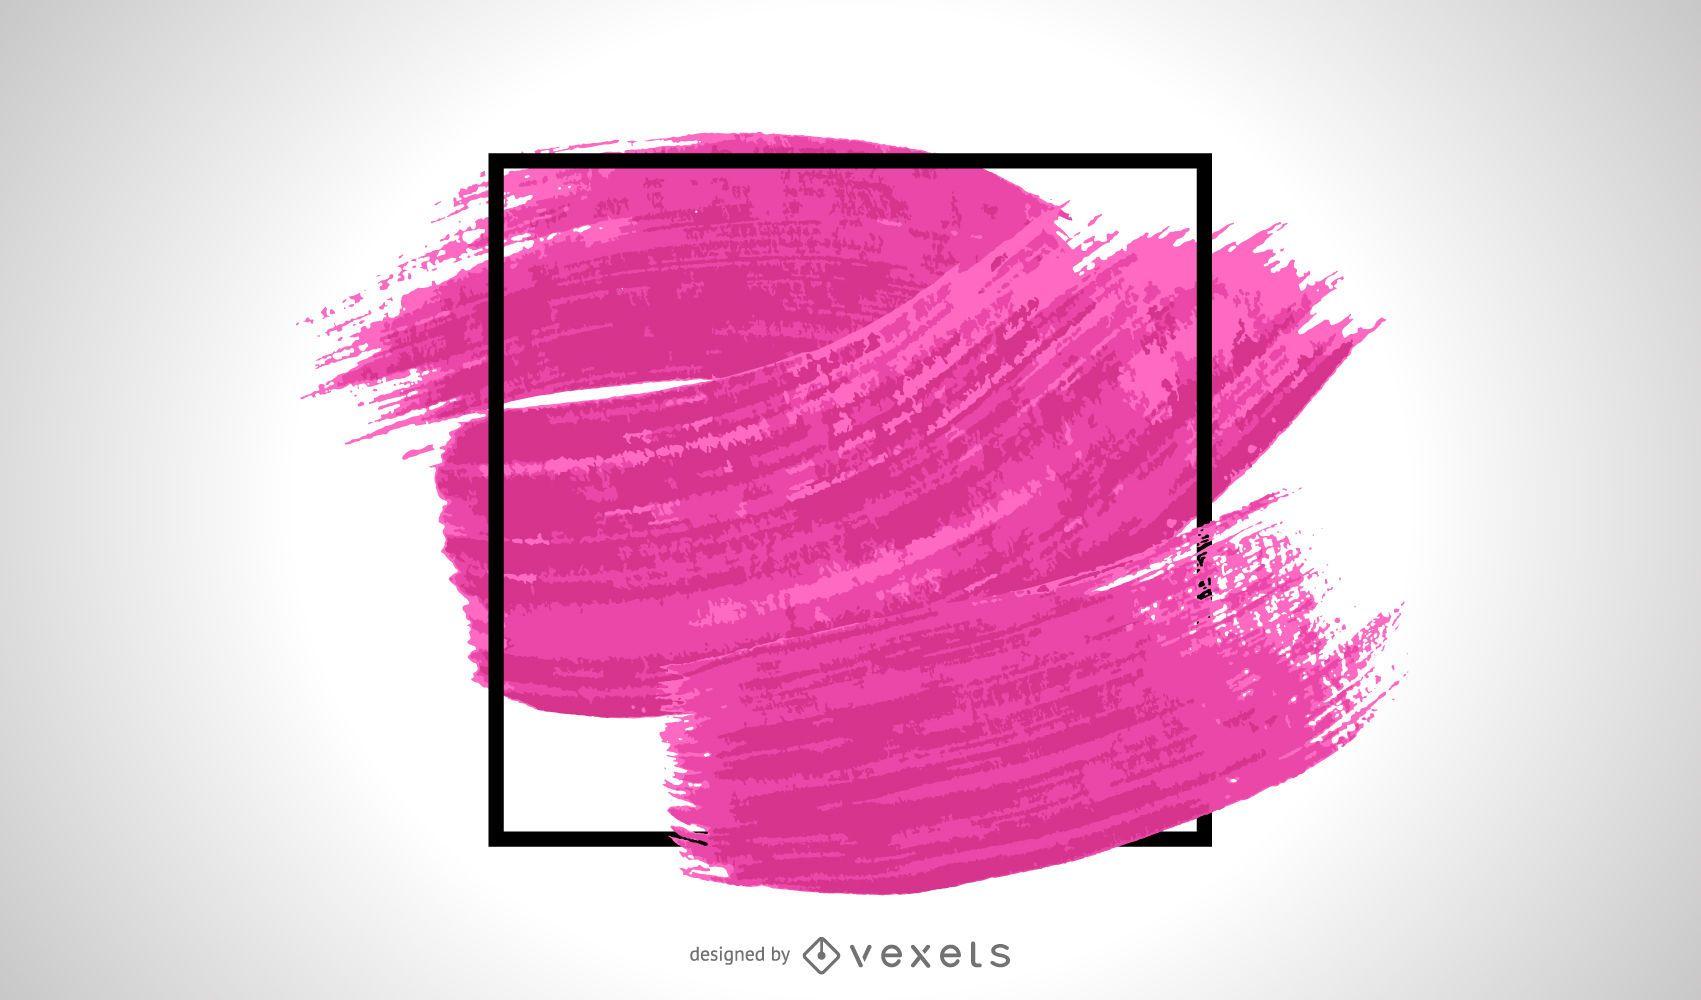 Trazo de pincel violeta en marco